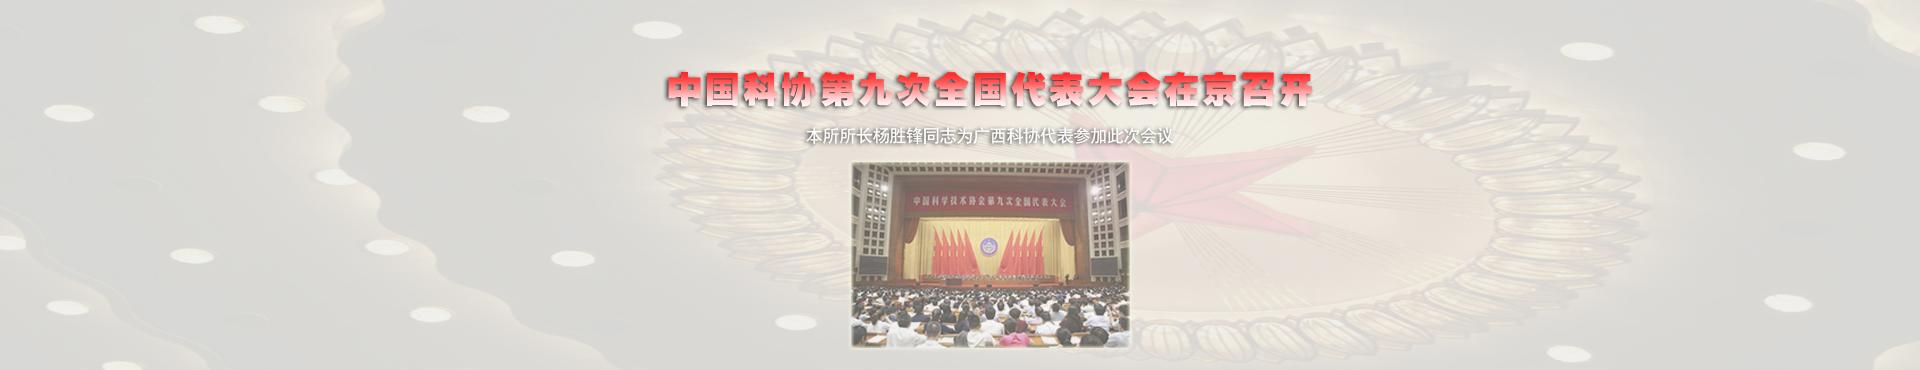 中国科协第九次全国代表大会在京召开